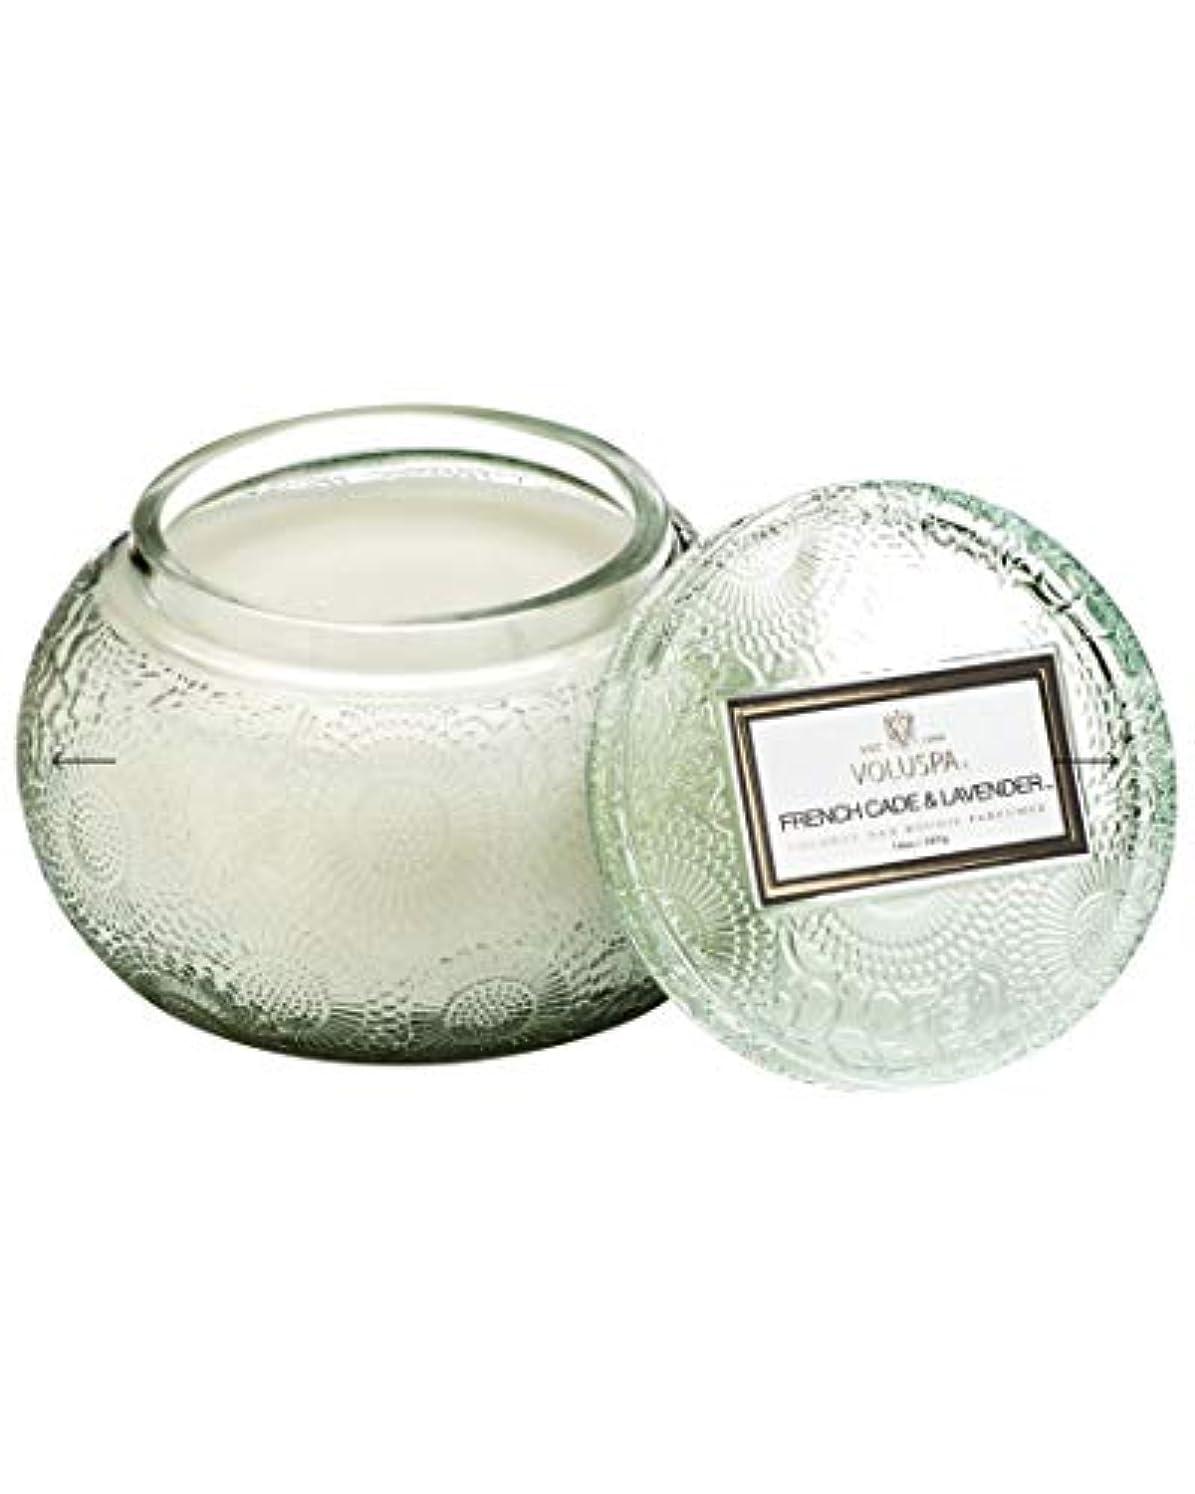 ルーキー過剰方法VOLUSPA チャワングラスキャンドル French Cade Lavender フレンチケード&ラベンダー GLASS CANDLE ボルスパ